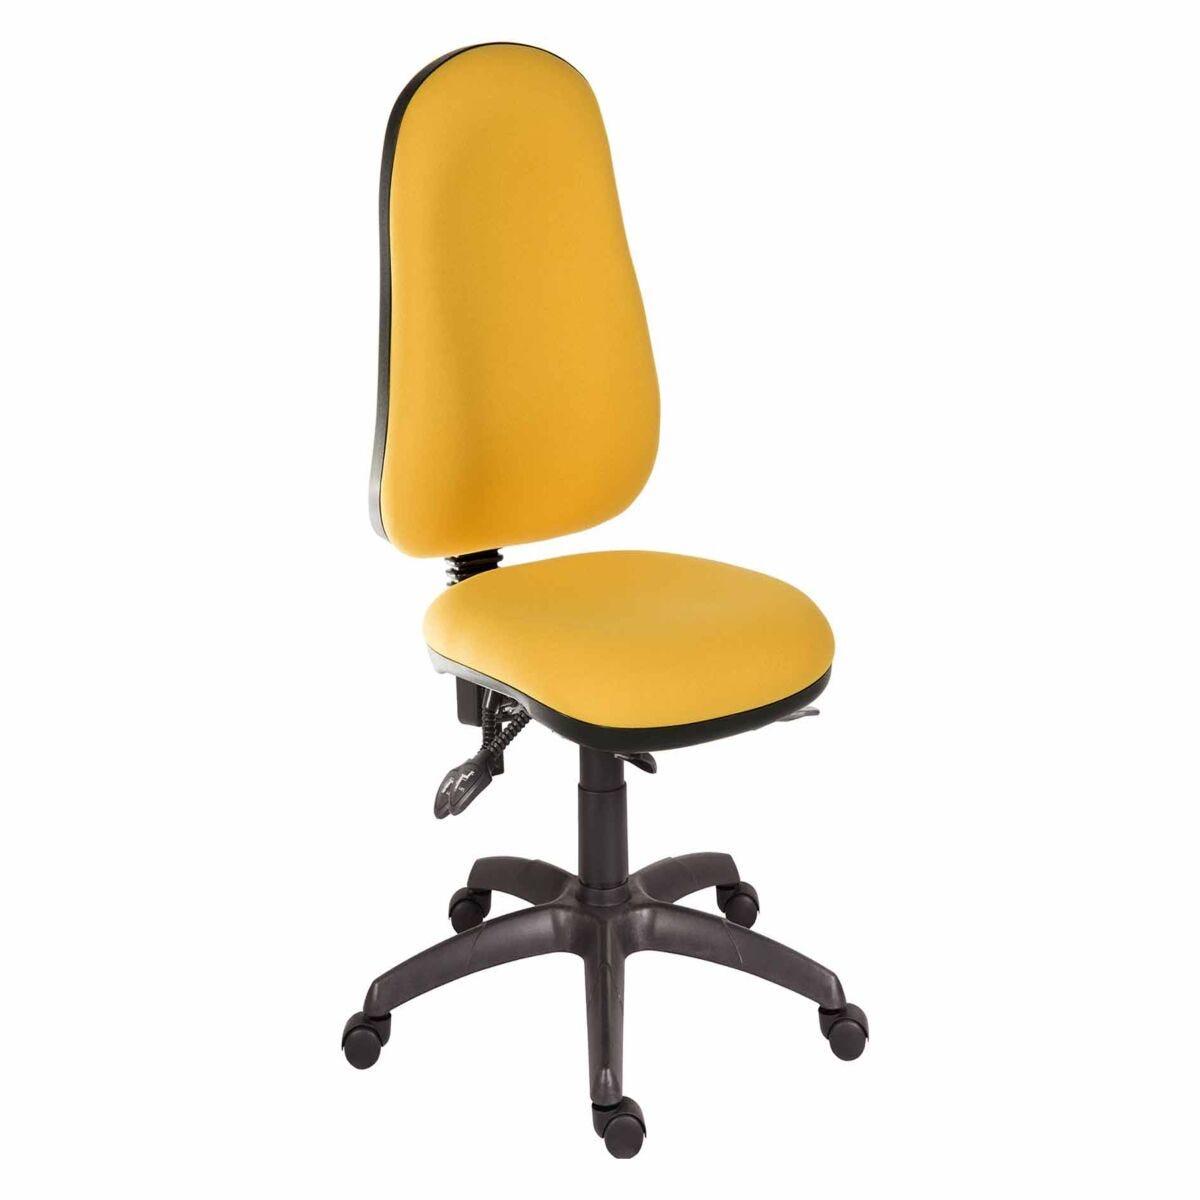 Teknik Ergo Comfort Spectrum Computer Chair